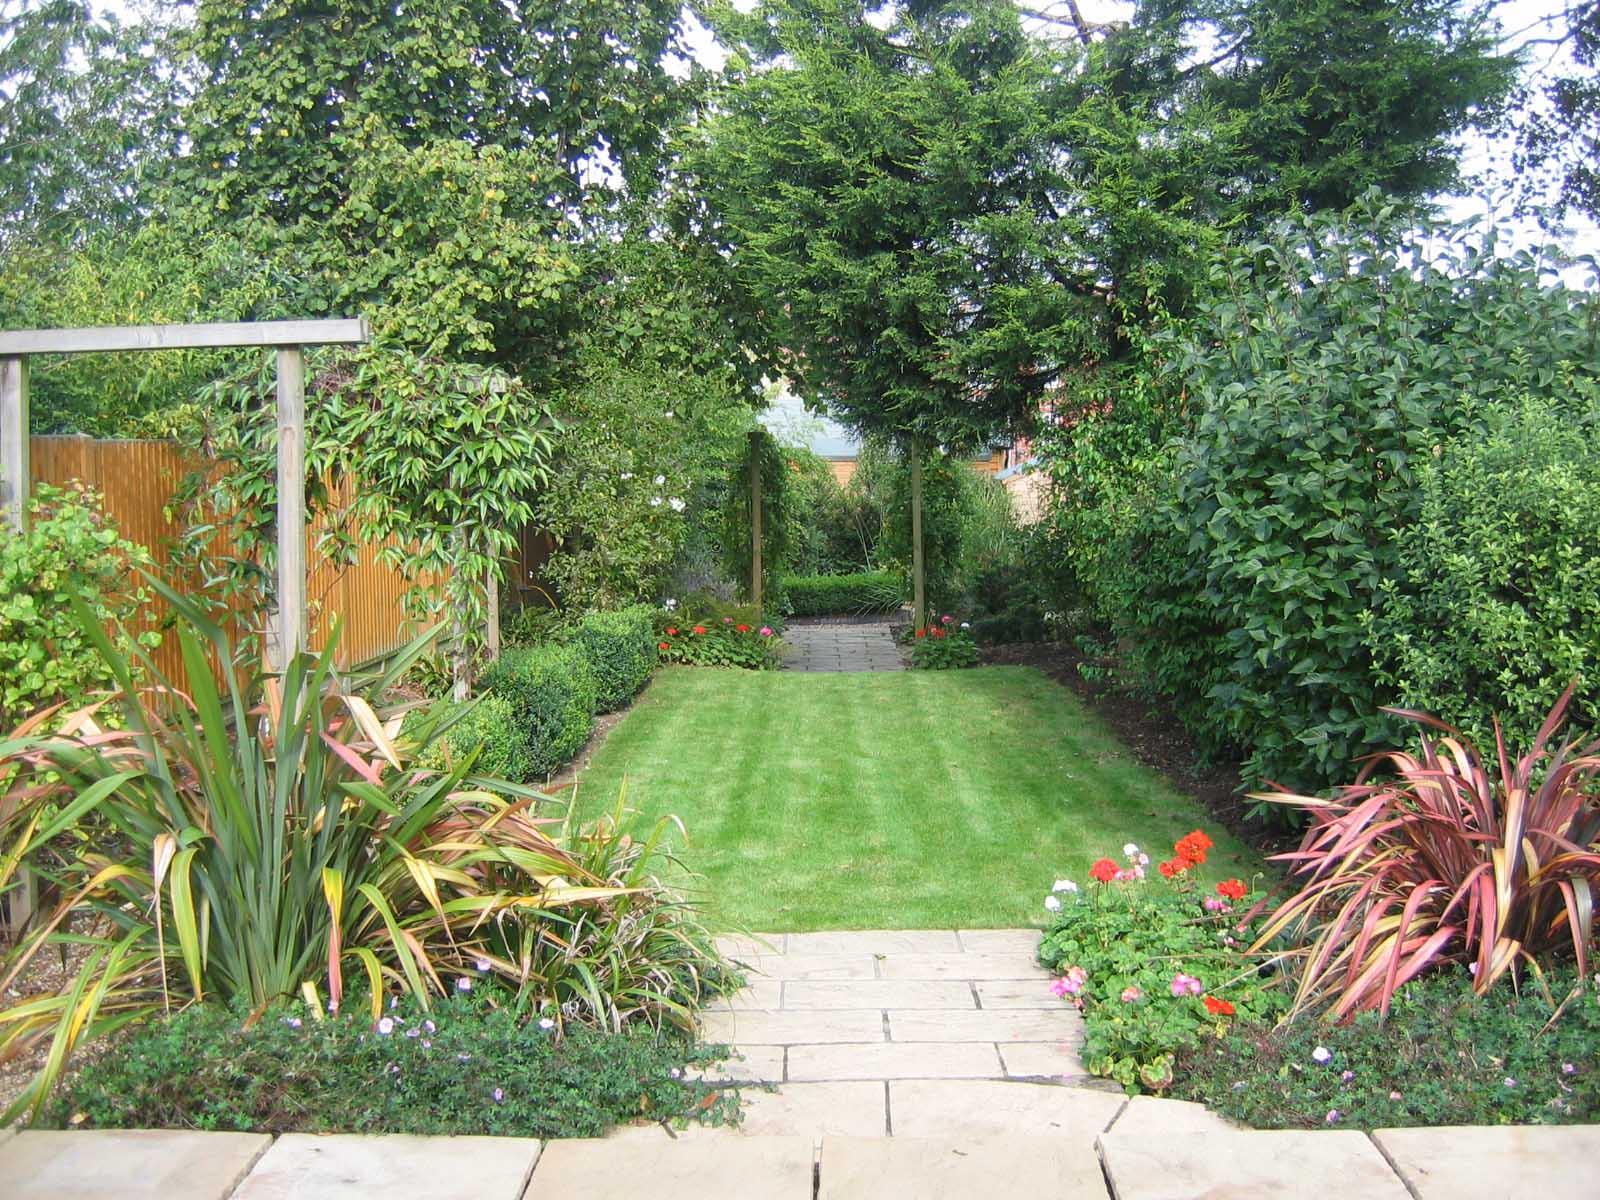 1. Jo's garden